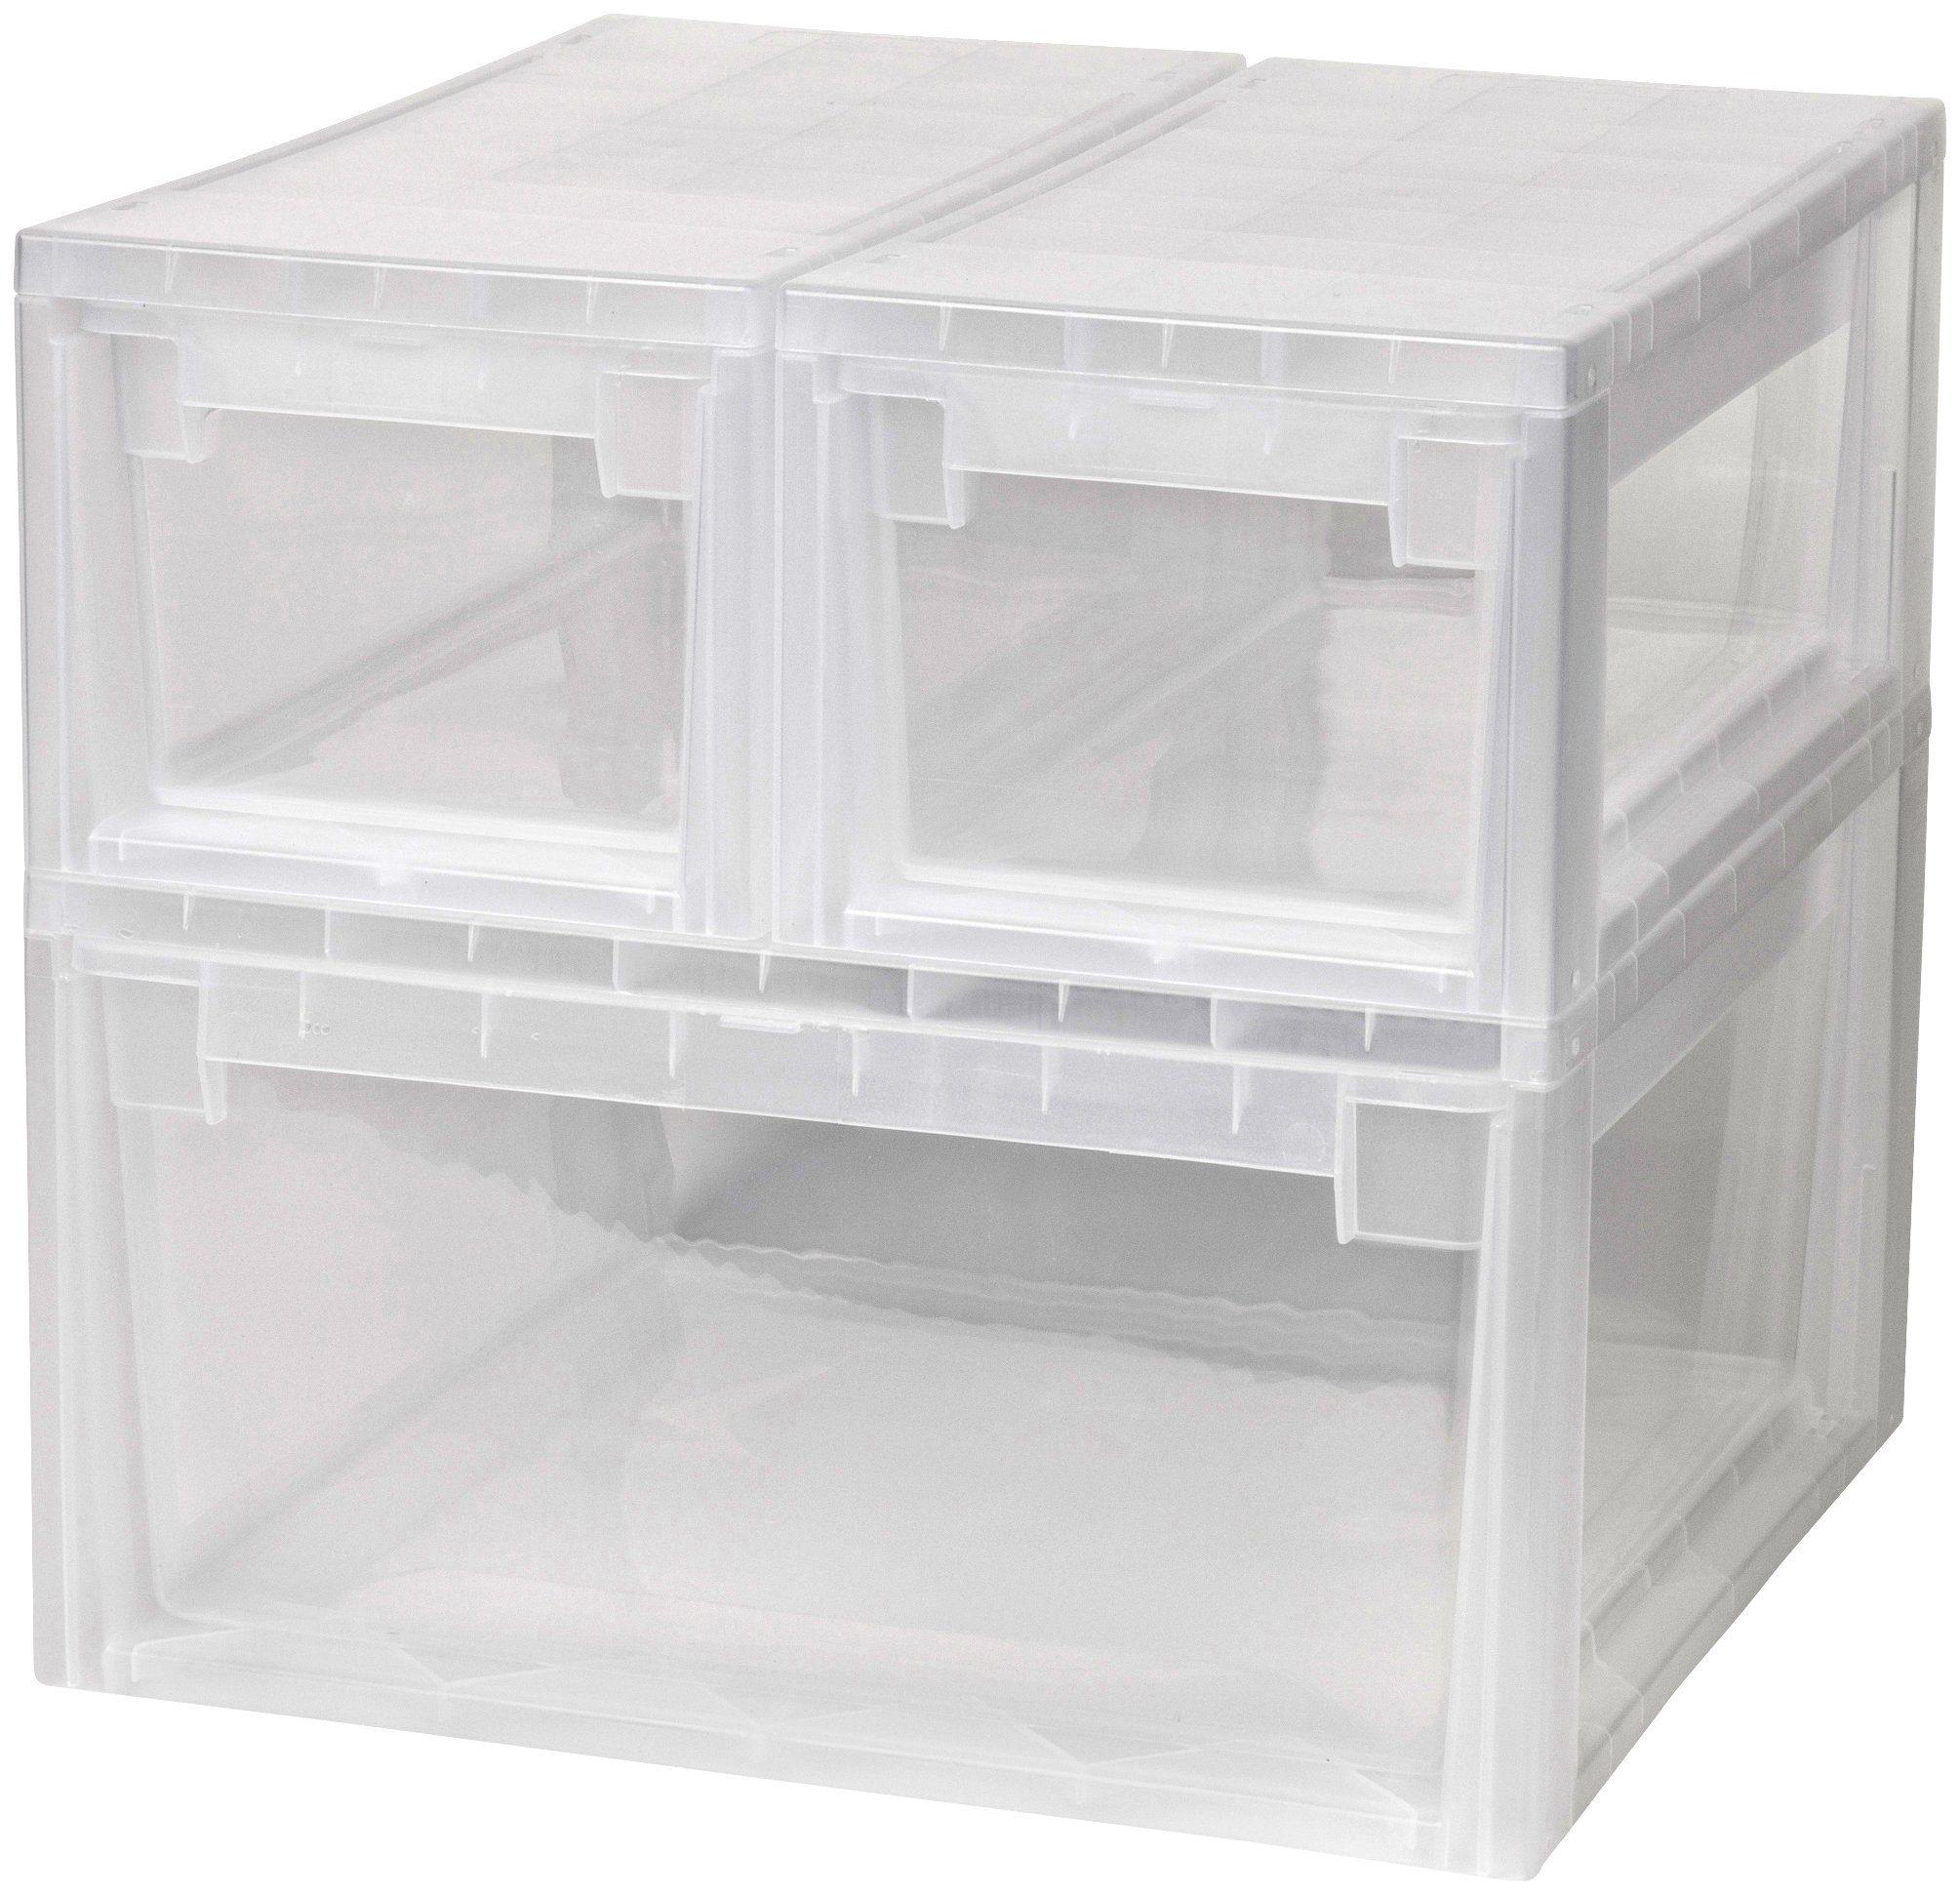 KREHER Aufbewahrungsbox »1x 23 Liter und 2x 7 Liter, mit Schubladen« 3er Set